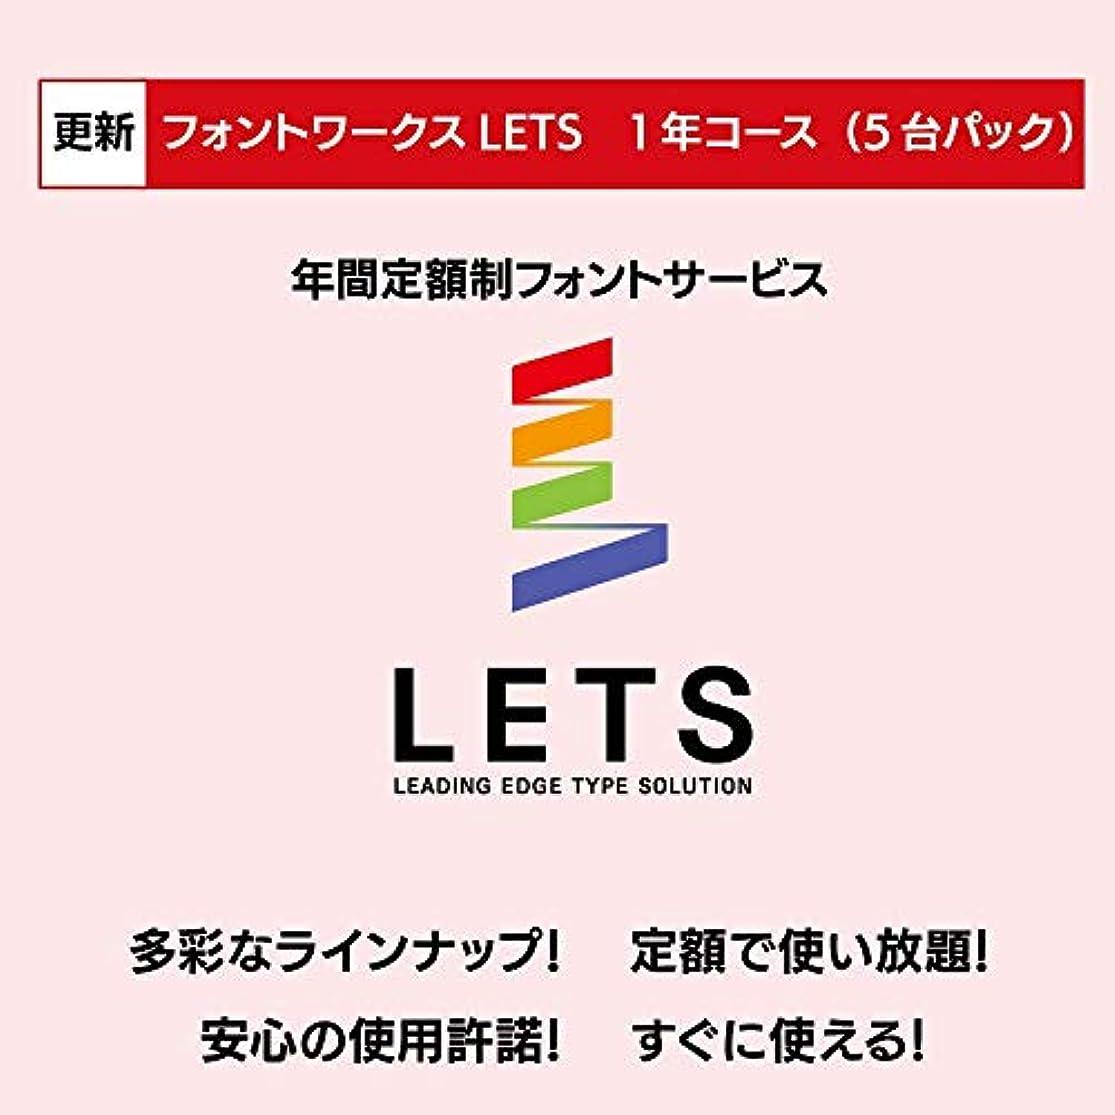 発送美徳サイクロプス【更新専用】フォントワークスLETS 1年コース (5台パック) オンラインコード版